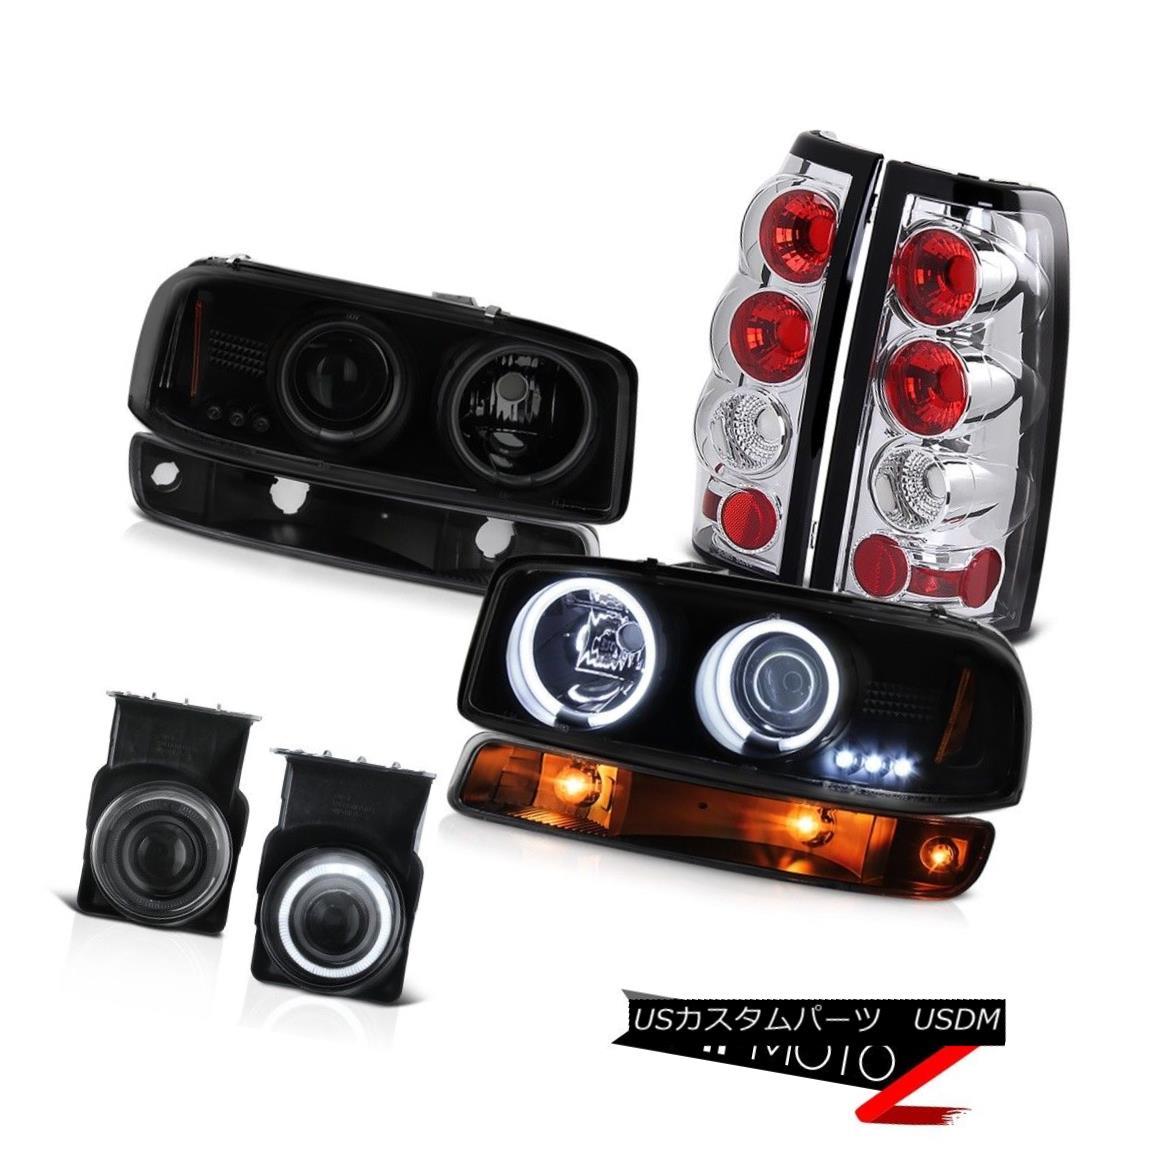 ヘッドライト 2003-2006 Sierra 6.6L Foglamps chrome rear brake lamps bumper lamp headlights 2003-2006 Sierra 6.6L Foglampsクロームリアブレーキランプバンパーランプヘッドライト